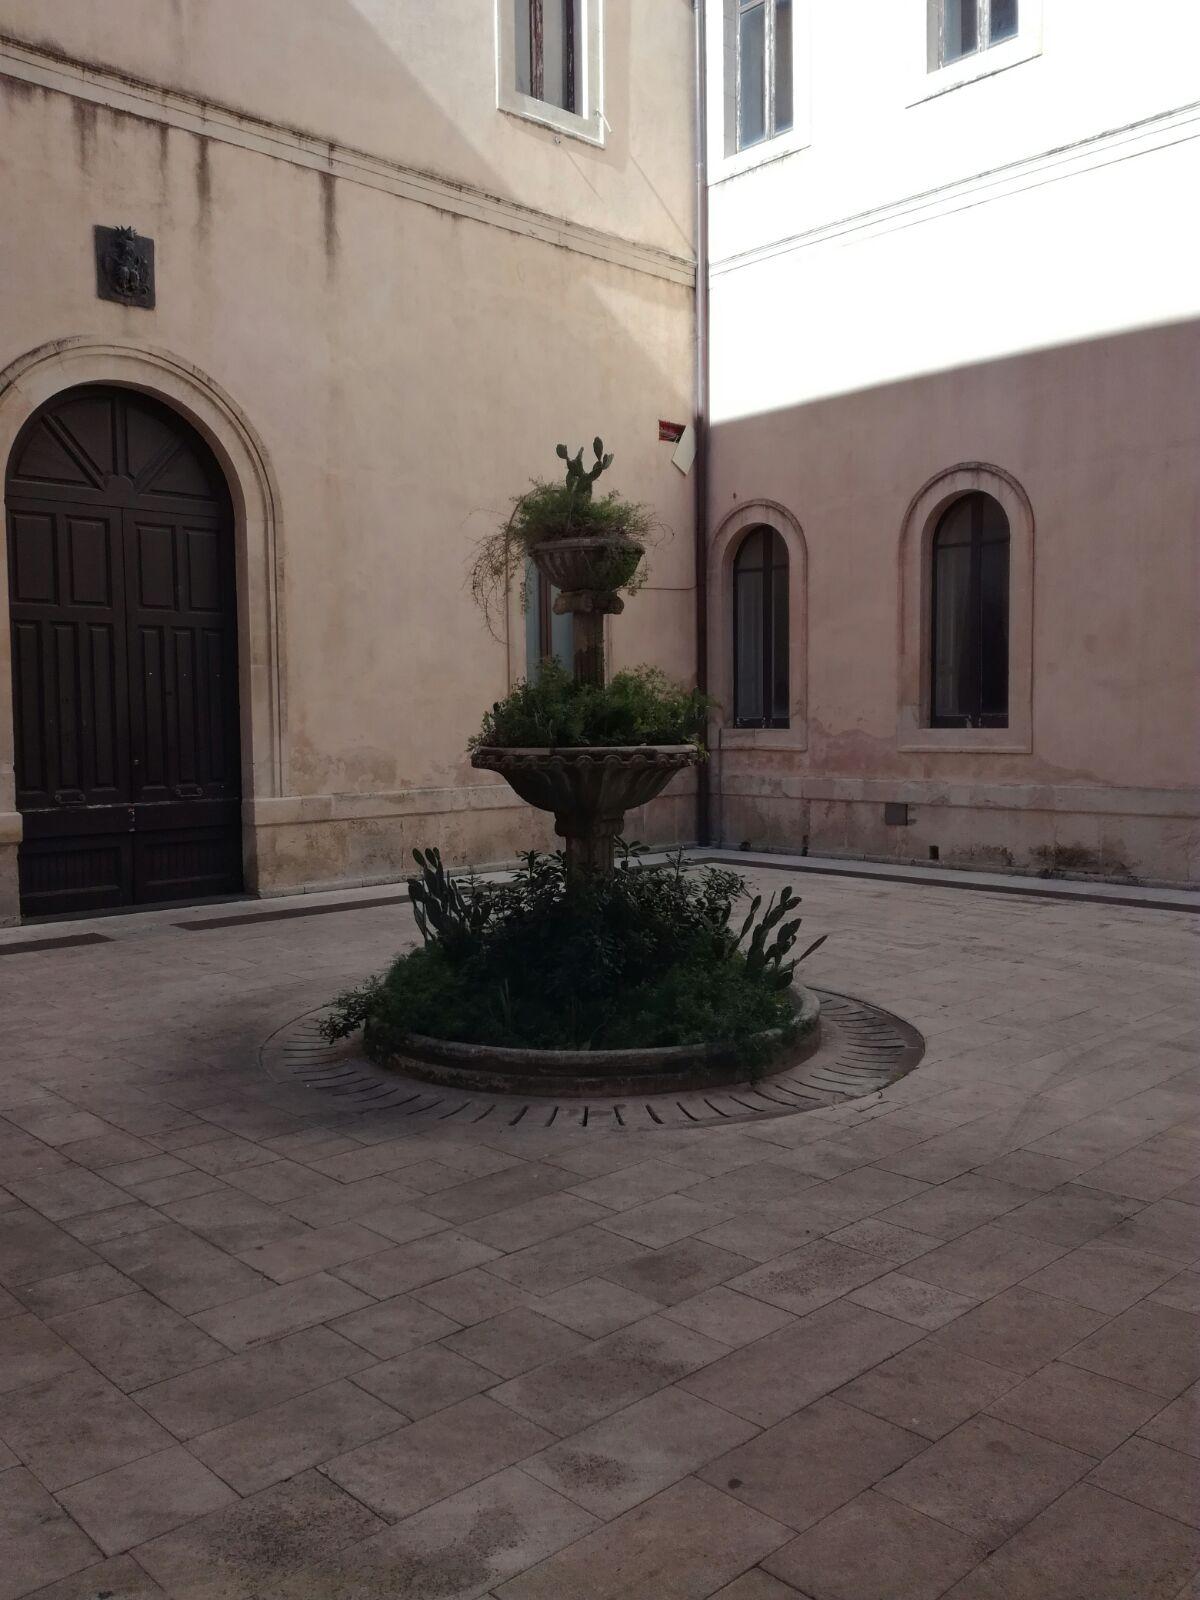 La fontana dentro l'Atrio comunale al Municipio di Palazzolo Acreide